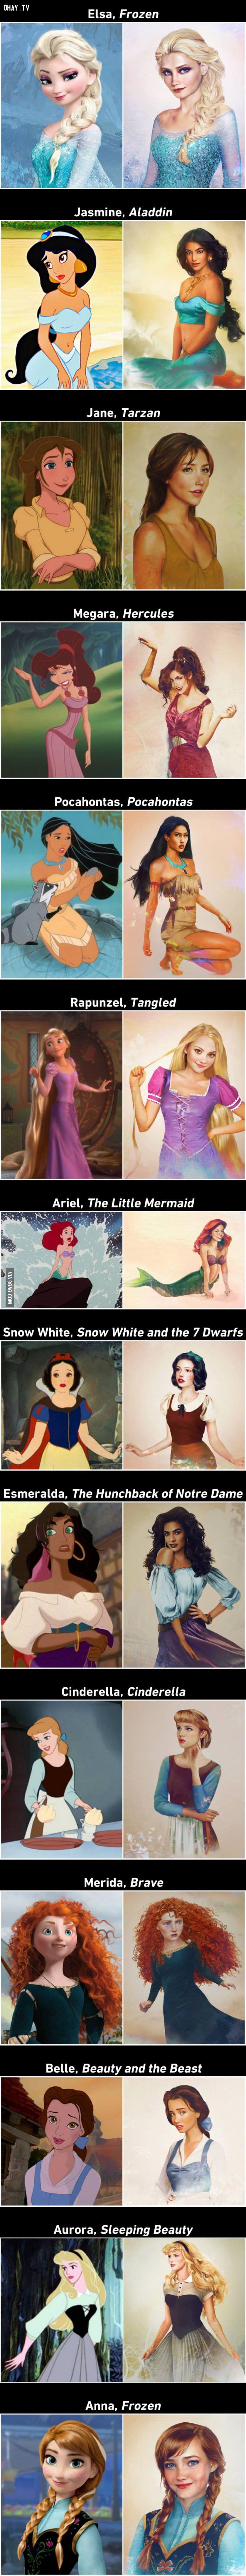 ảnh Disney,công chúa Disney,công chúa